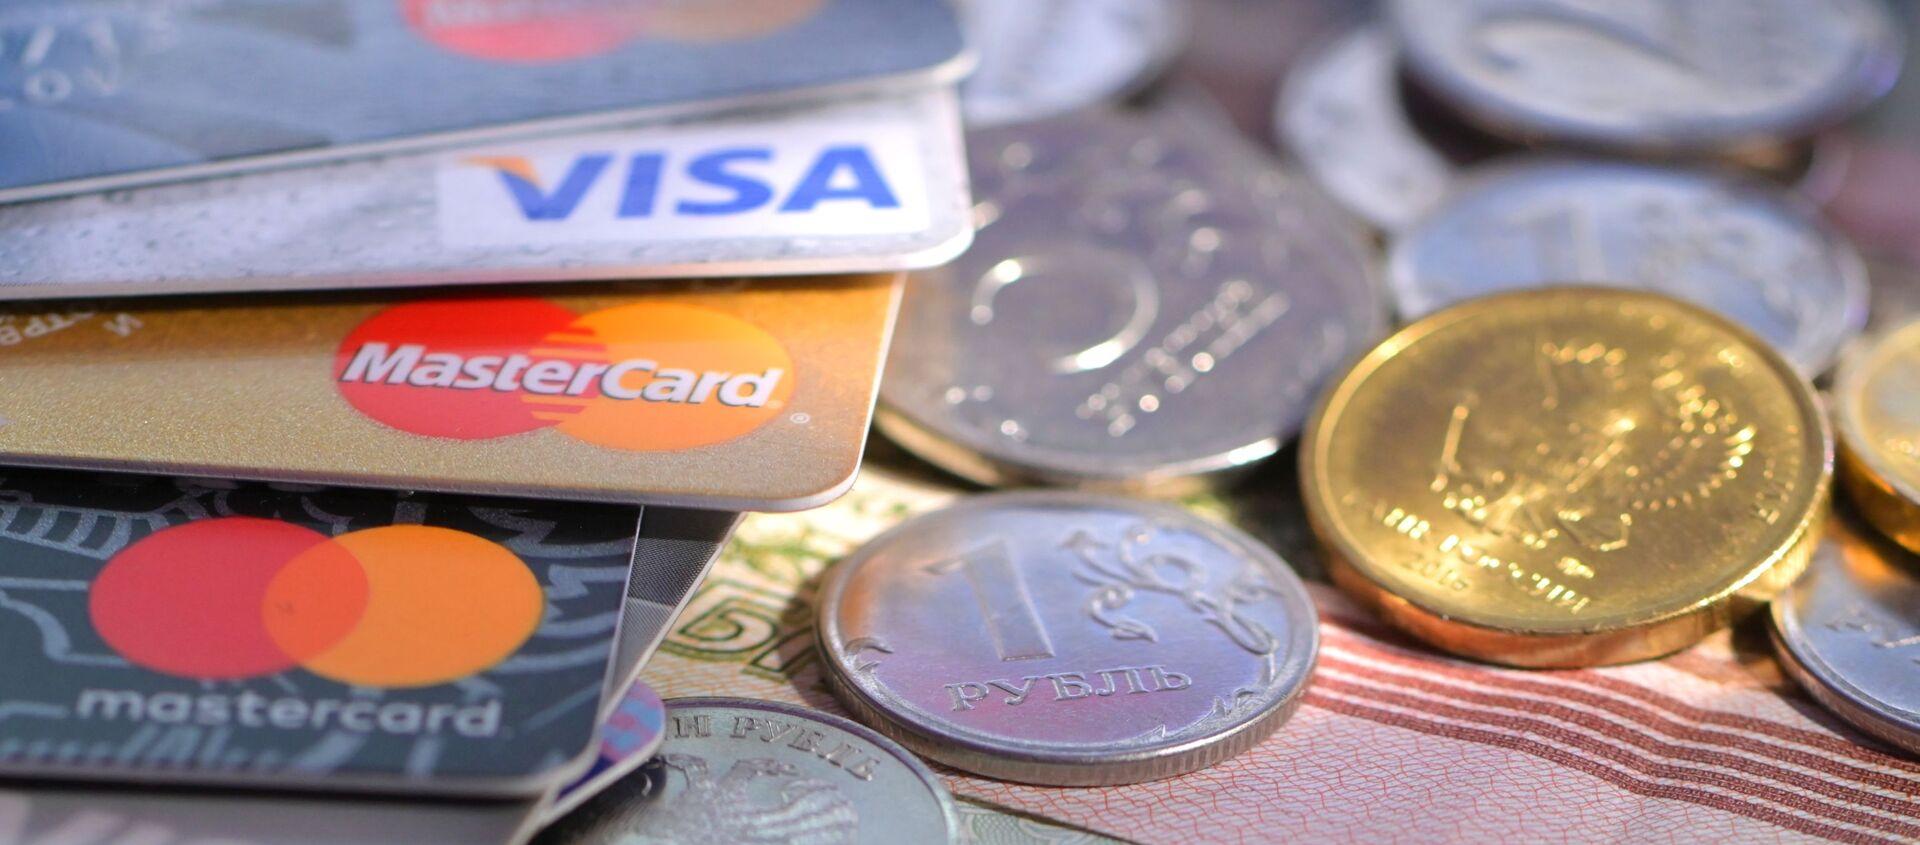 Монеты и банковские карты международных платежных систем VISA и MasterCard - Sputnik Южная Осетия, 1920, 10.12.2020